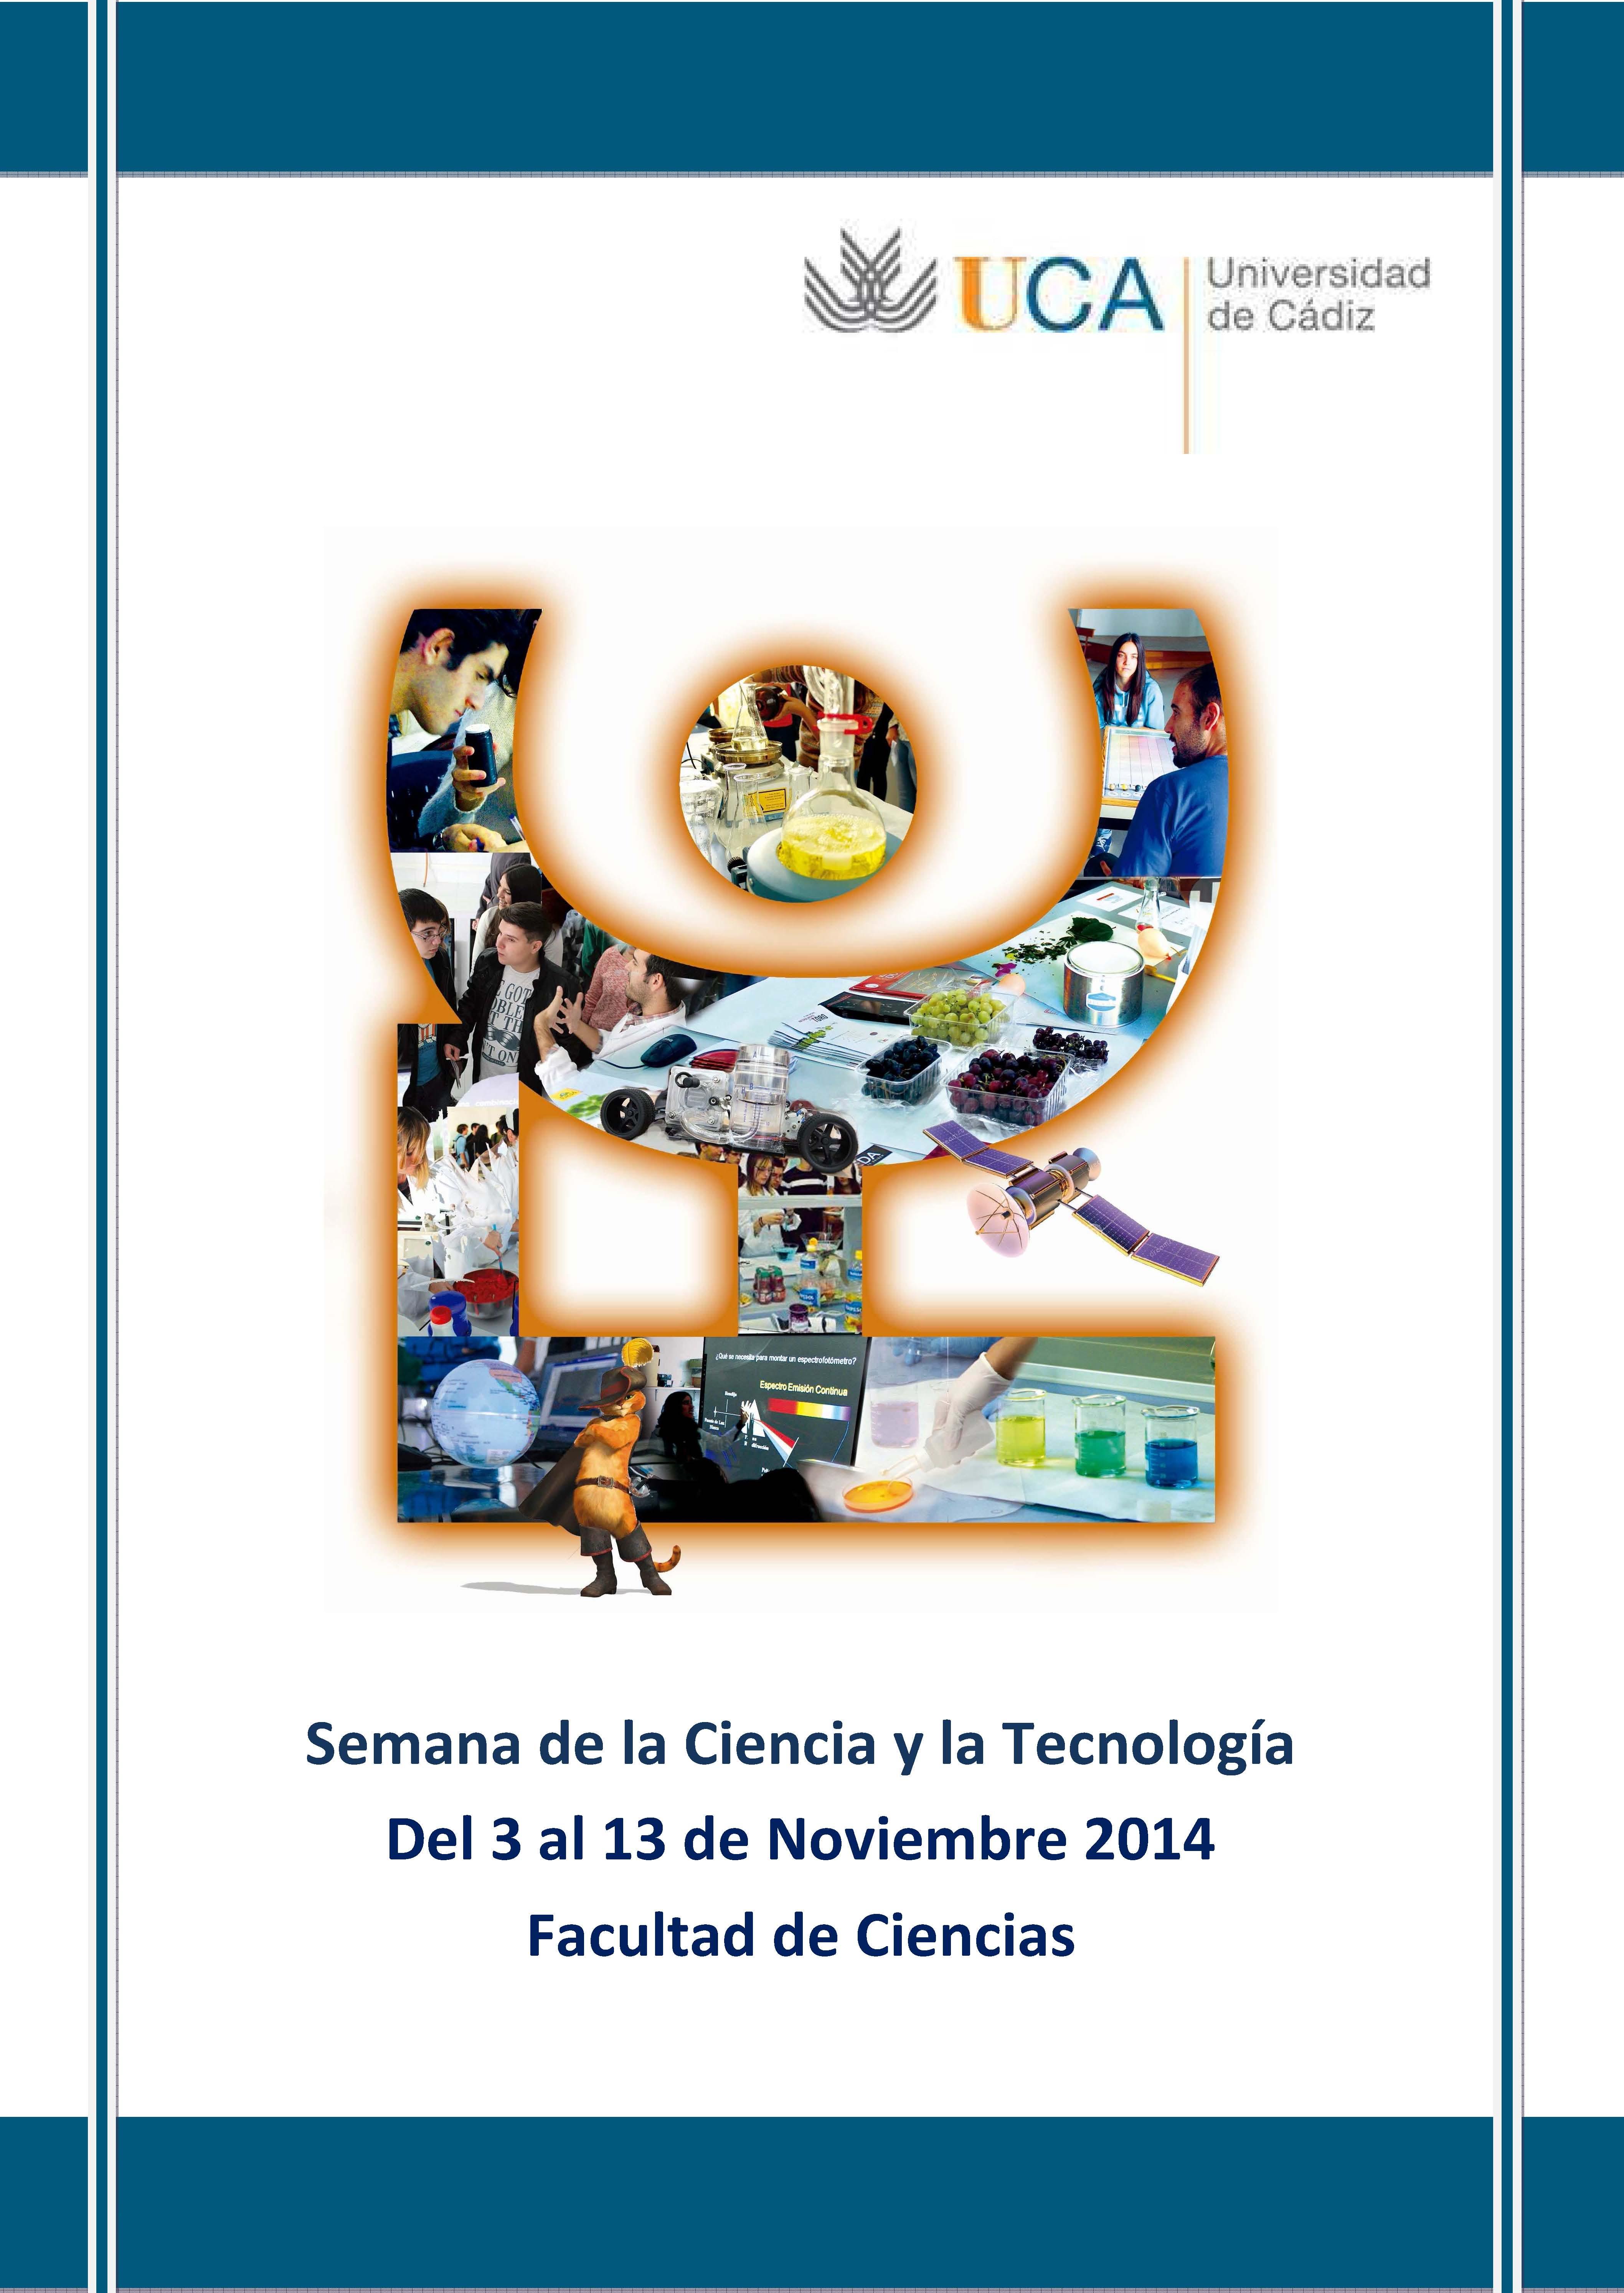 Semana de la Ciencia y la Tecnología. 10 de Noviembre.